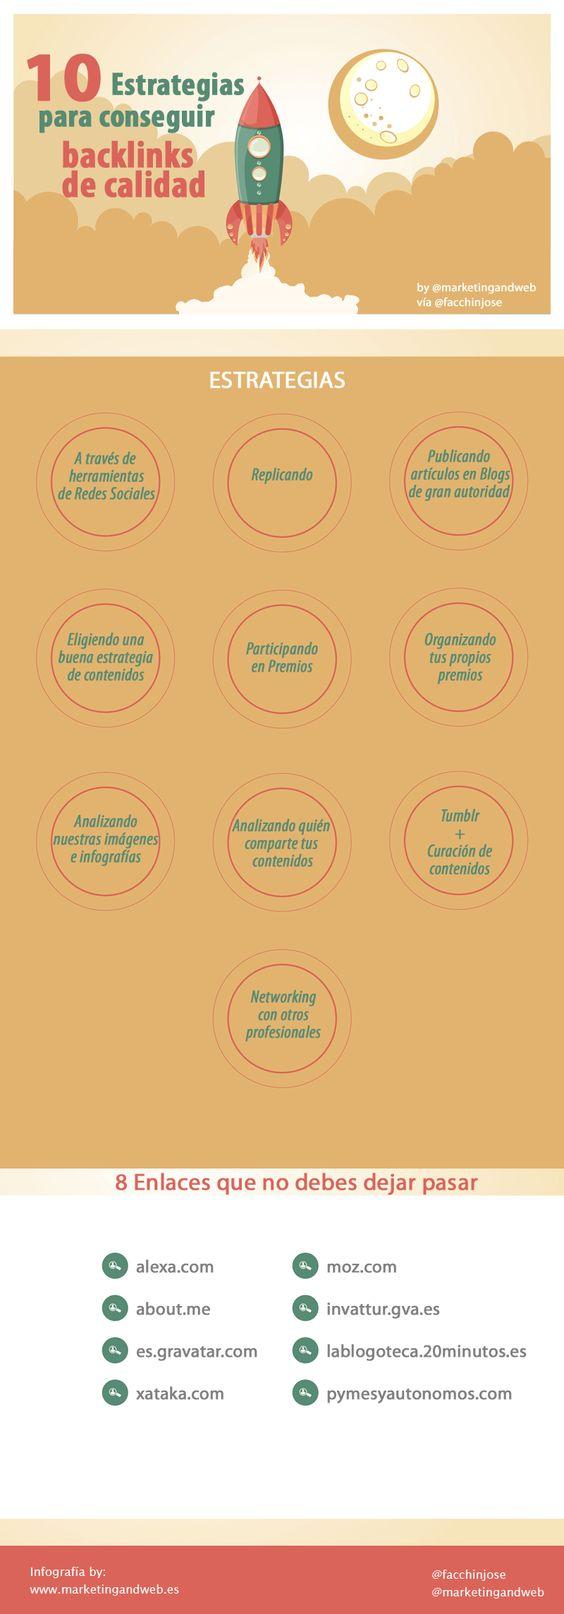 10 Estrategias para conseguir enlaces o backlinks de calidad by @Marketing and Web @facchinjose